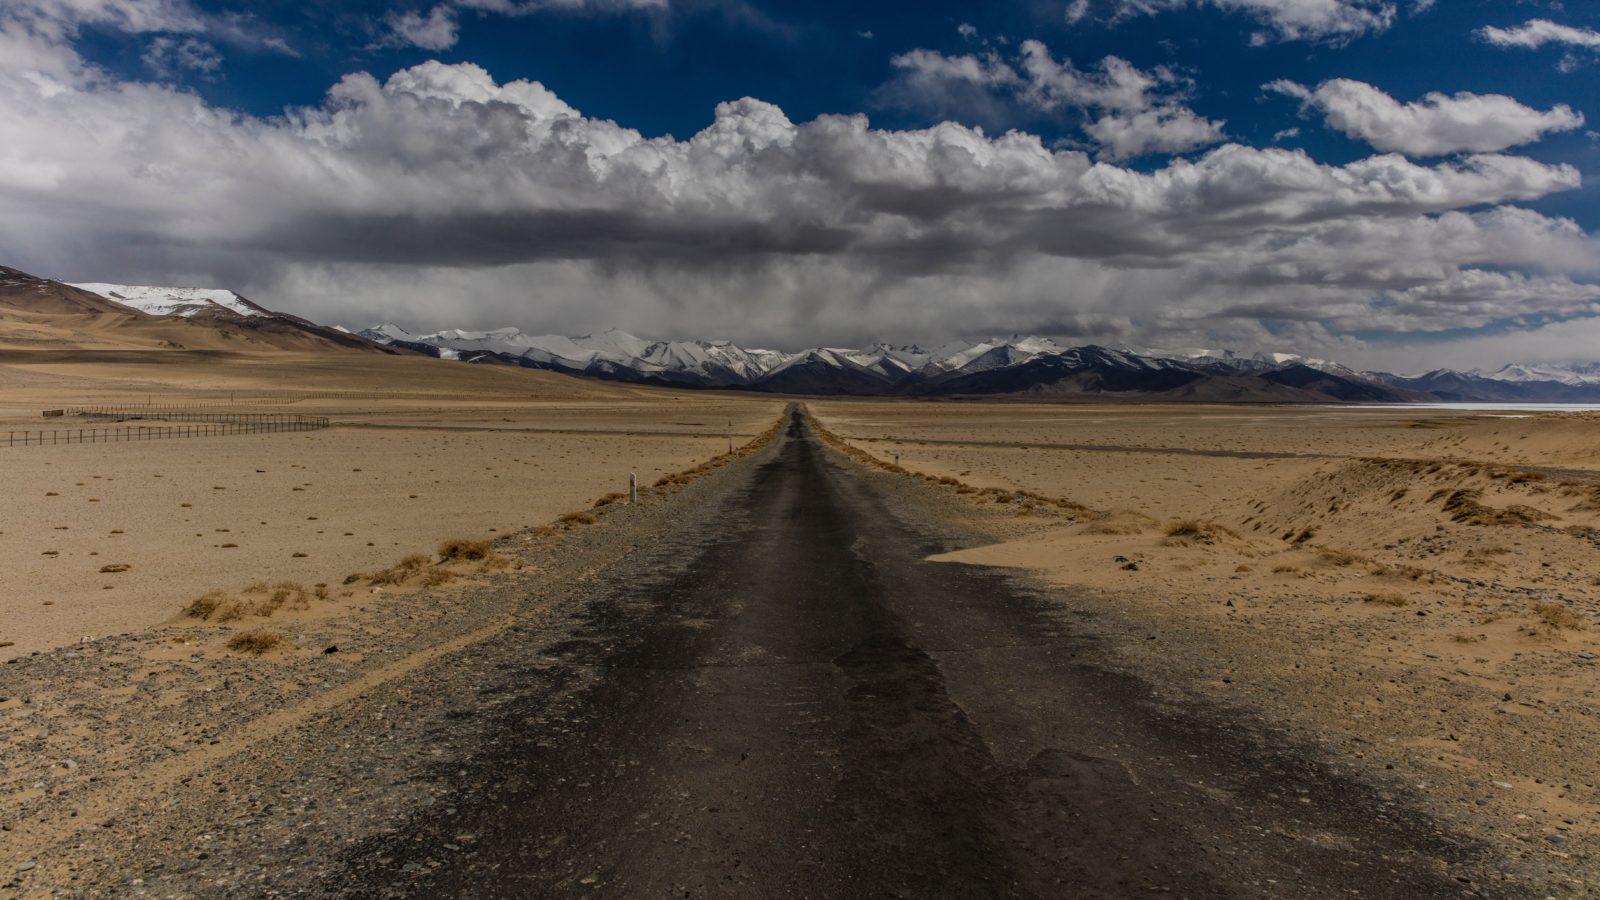 пейзаж в таджикистане